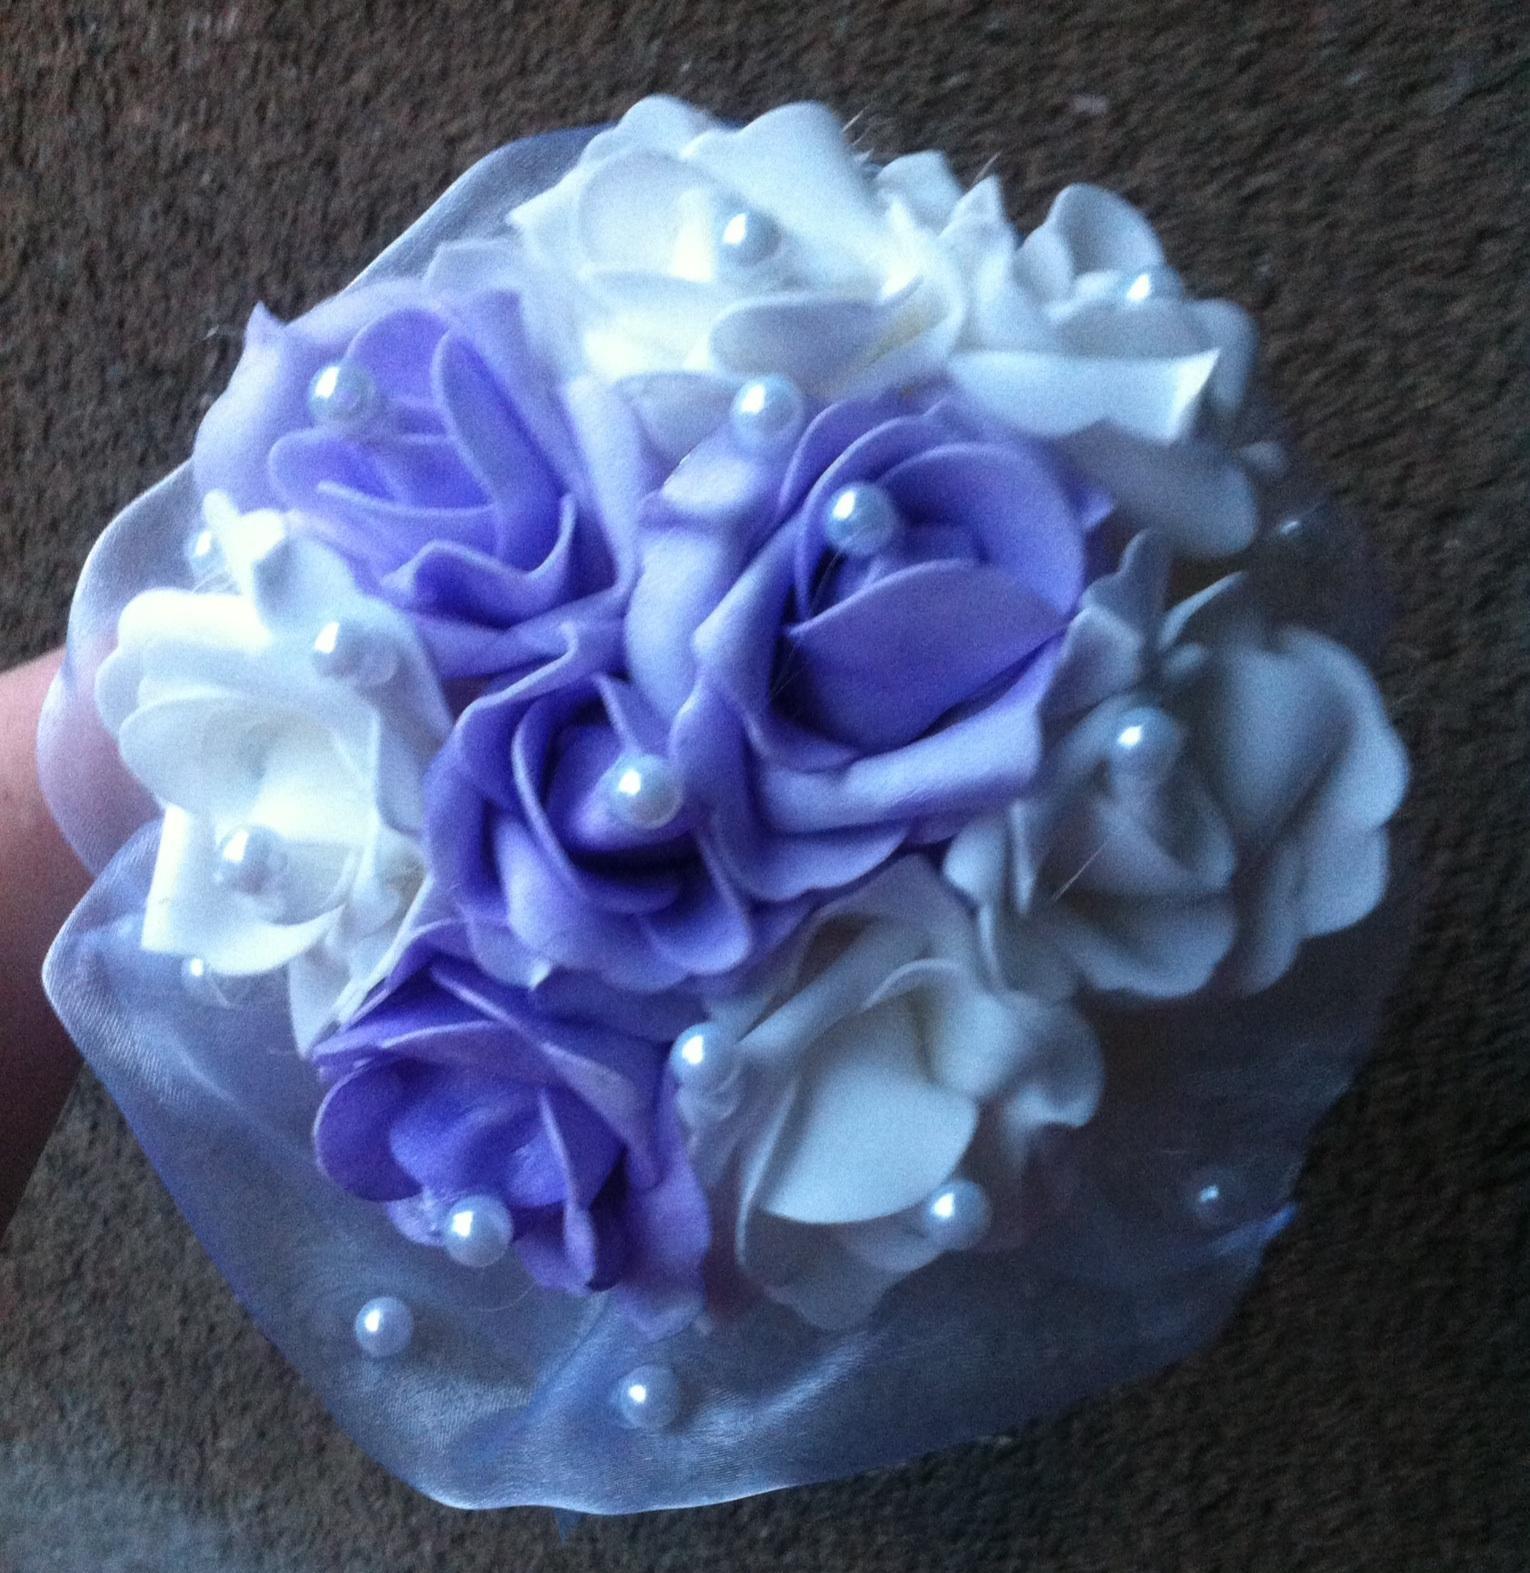 Netradiční svatební kytice - pěnové růžičky + polštářky pod prstýnky, košíčky - Obrázek č. 98